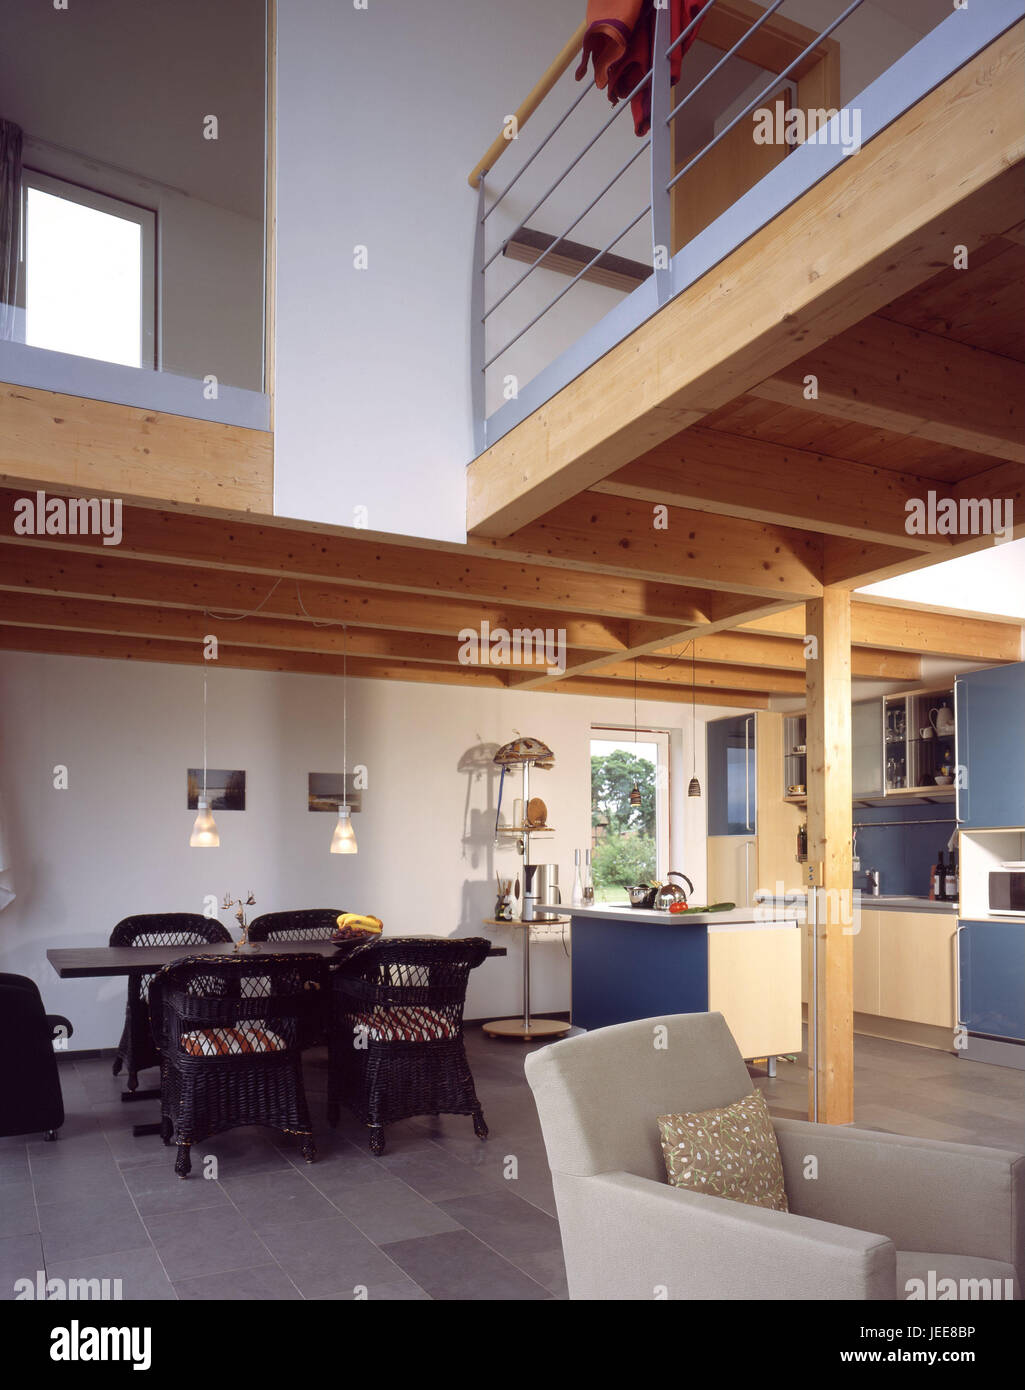 Einfamilienhaus Wohnung, Küche, Esszimmer, Esstisch, Obergeschoss, Galerie,  Moderne, Wohn Haus, Ferienhaus, Ferienwohnung, Wohnung, Wohnzimmer Platz,  ...